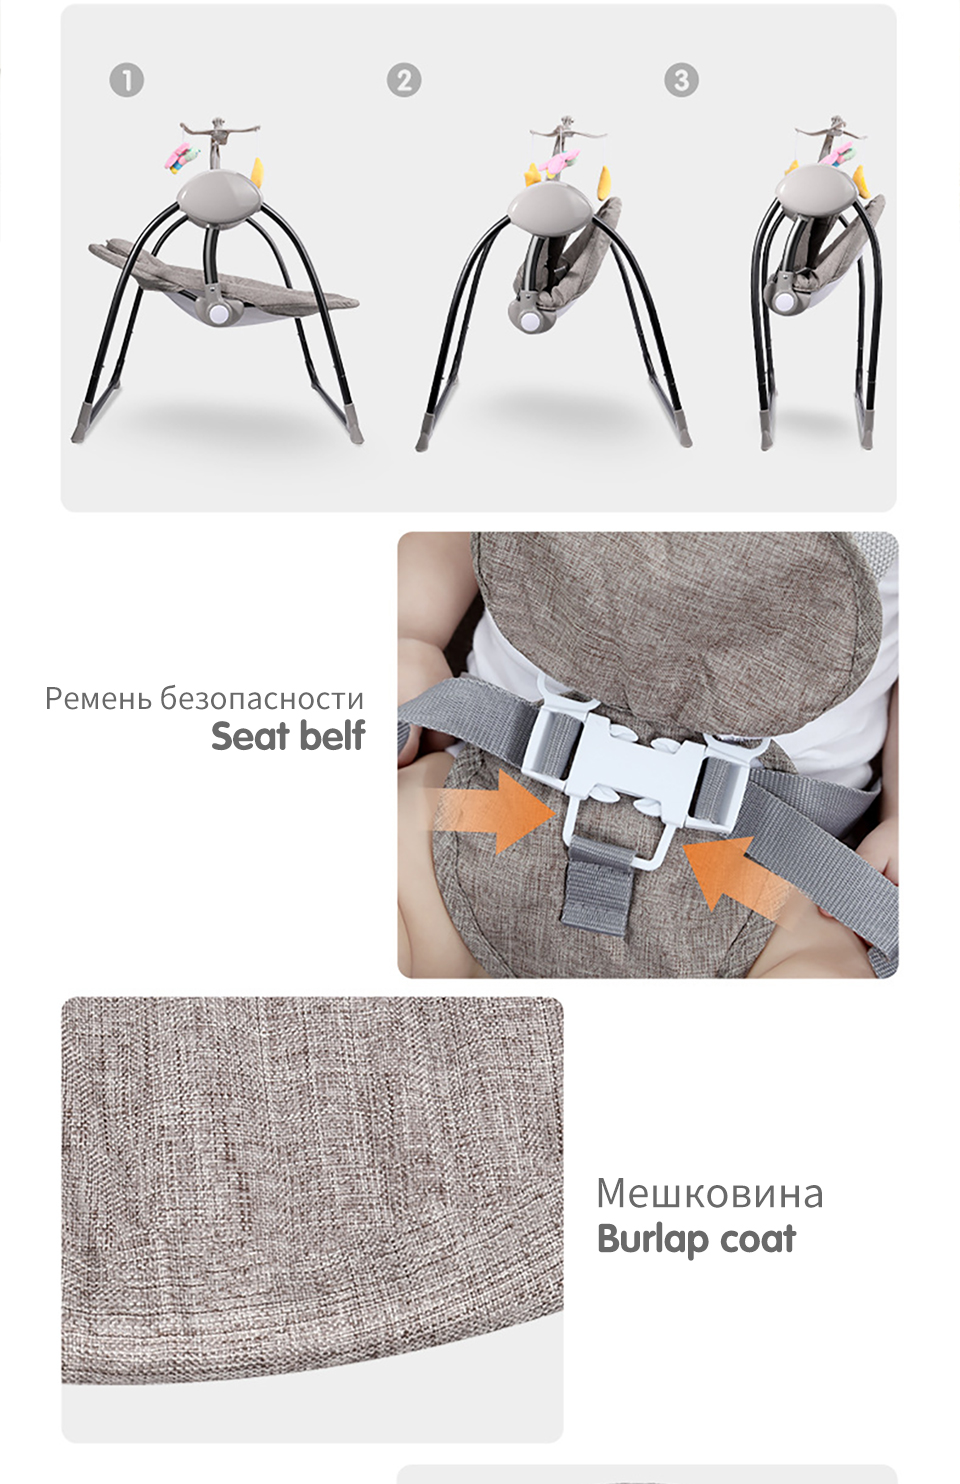 电动摇椅_11